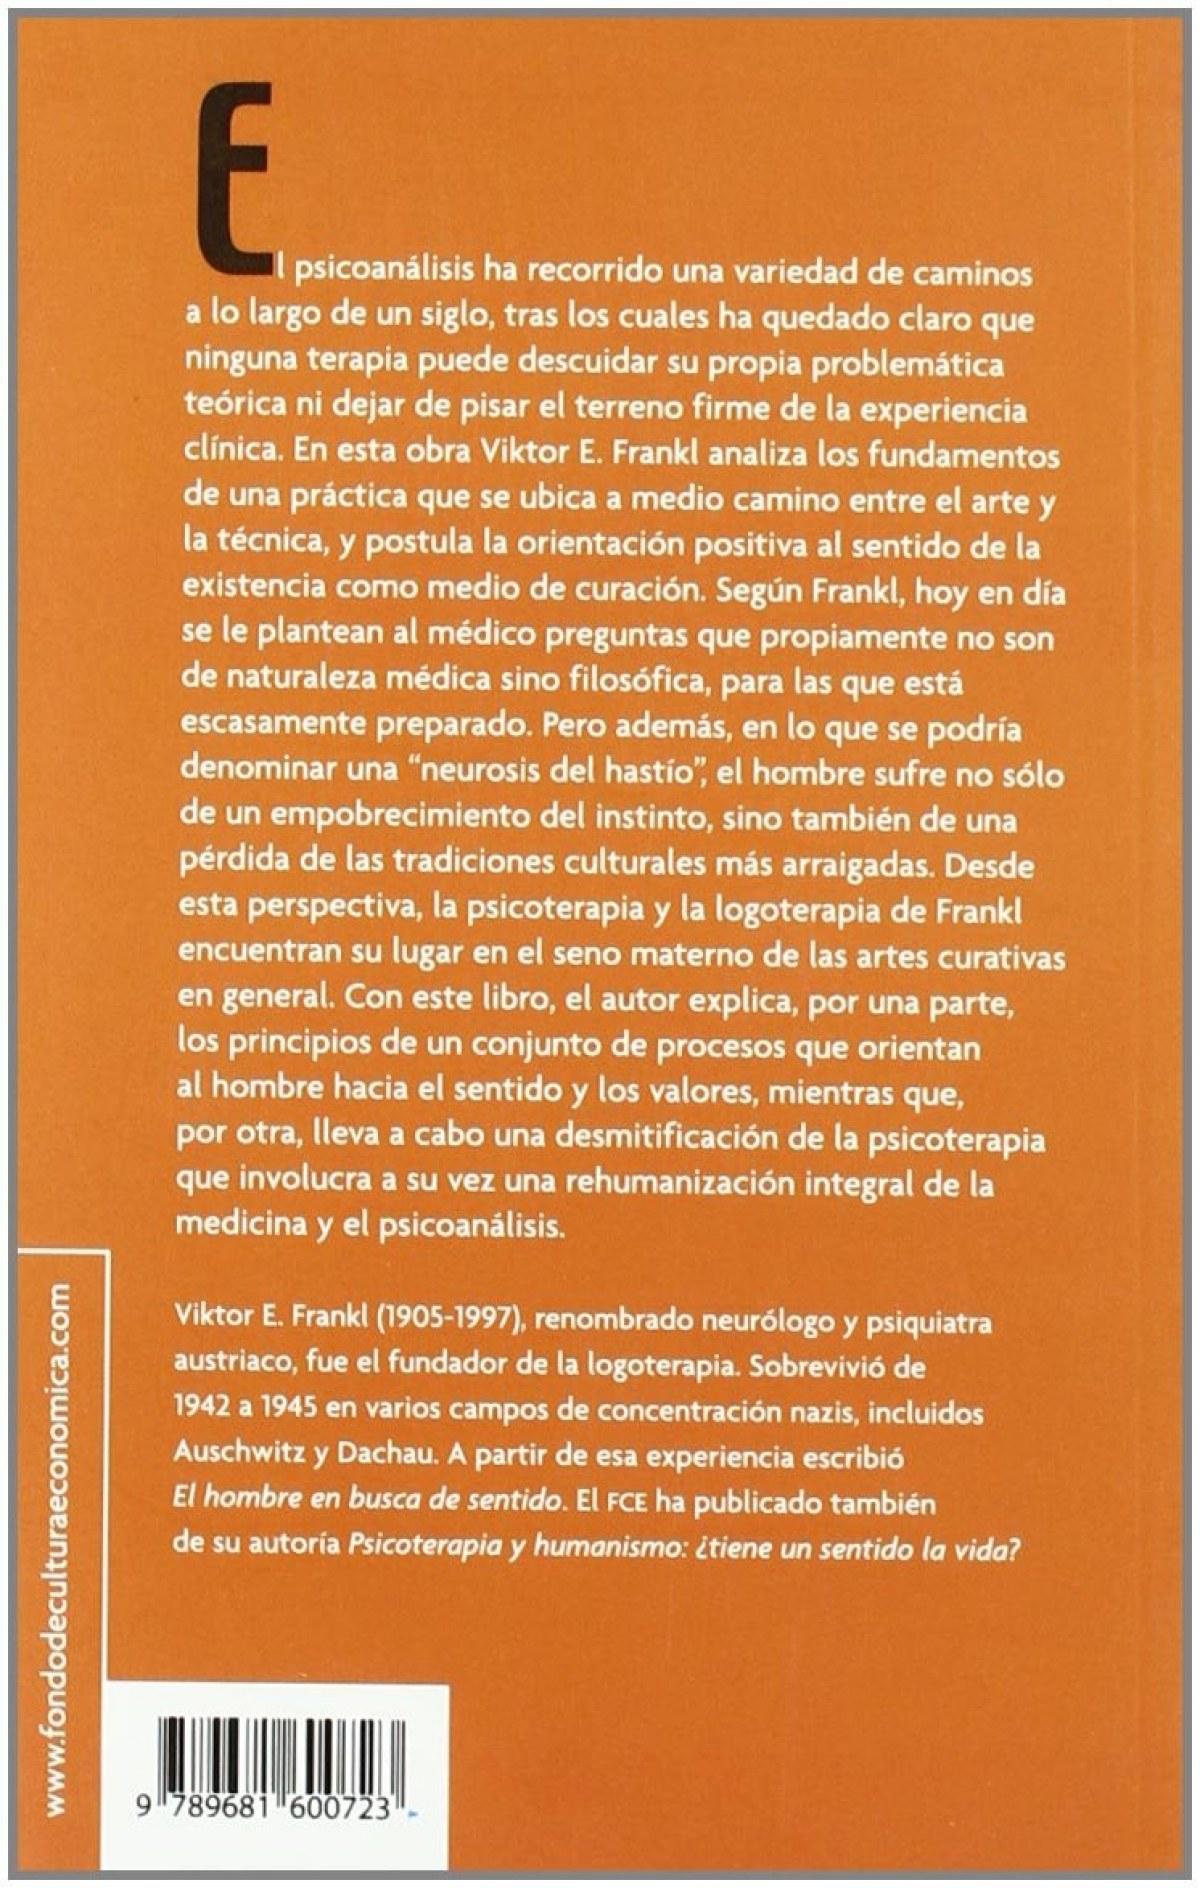 Psicoanálisis y existencialismo : de la psicoterapia a la logoterapia